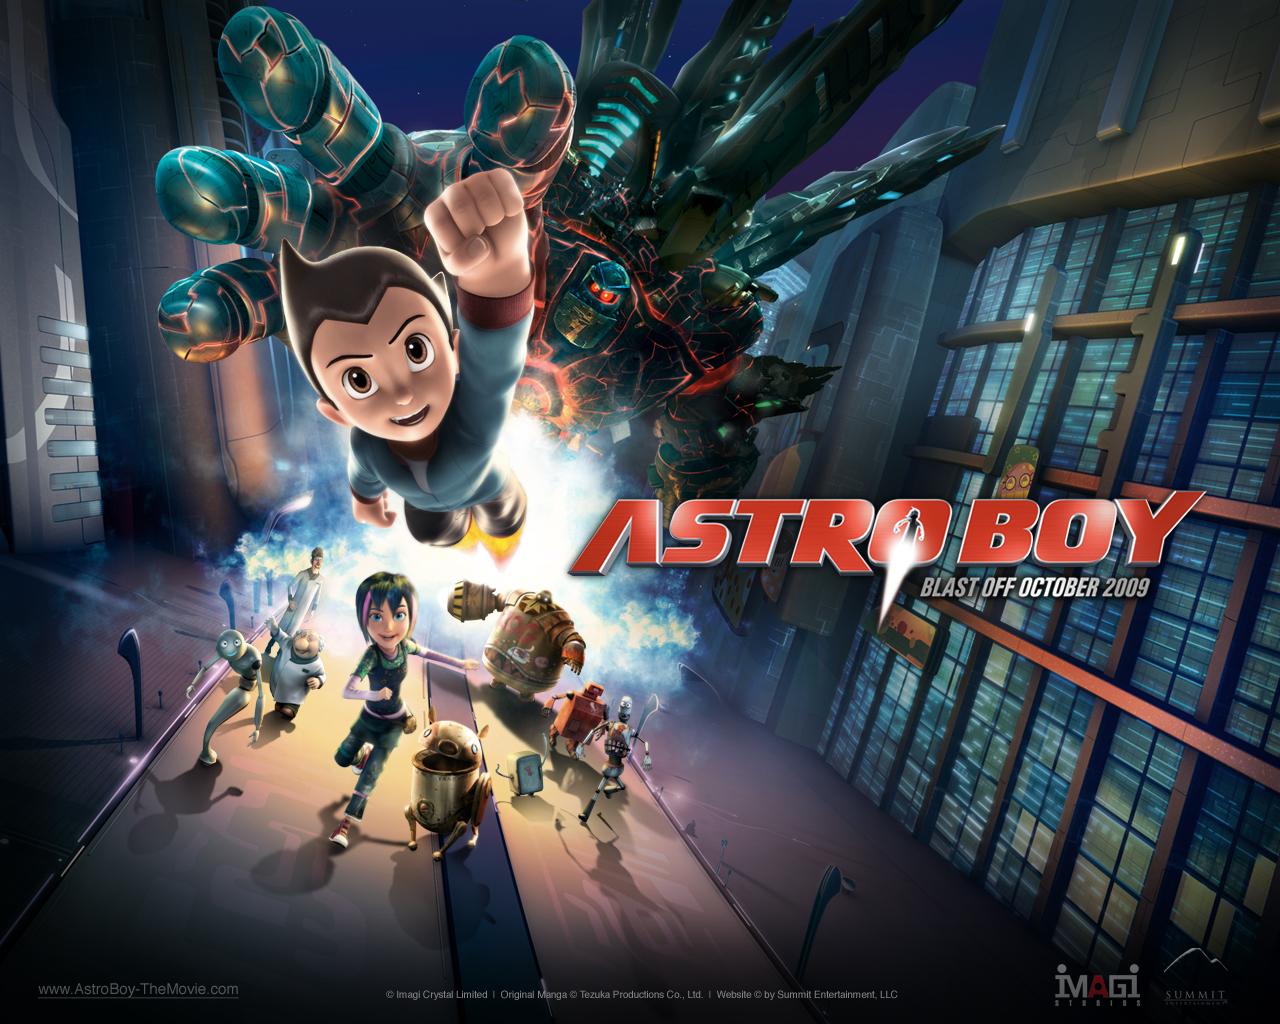 """""""Astro Boy Movie"""" desktop wallpaper (1280 x 1024 pixels)"""